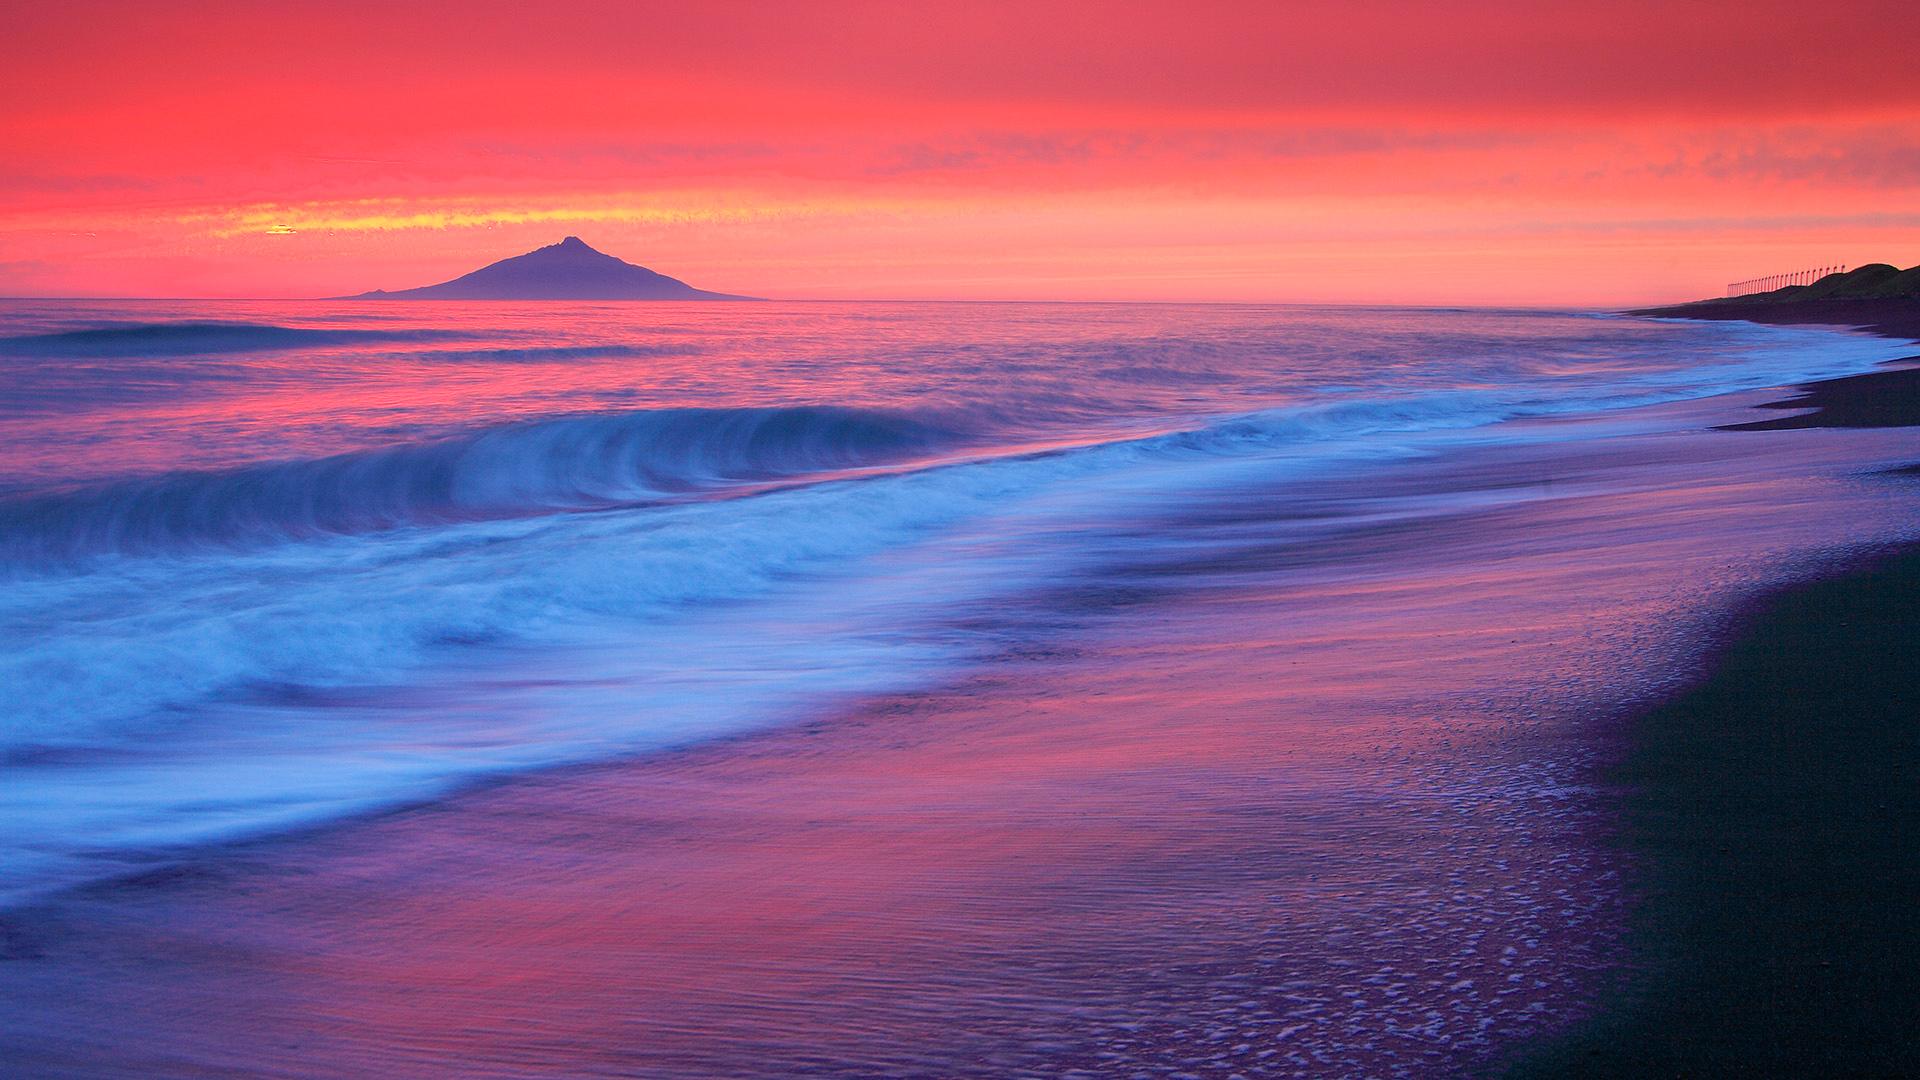 розовый закат, море, горы  № 3110181 бесплатно